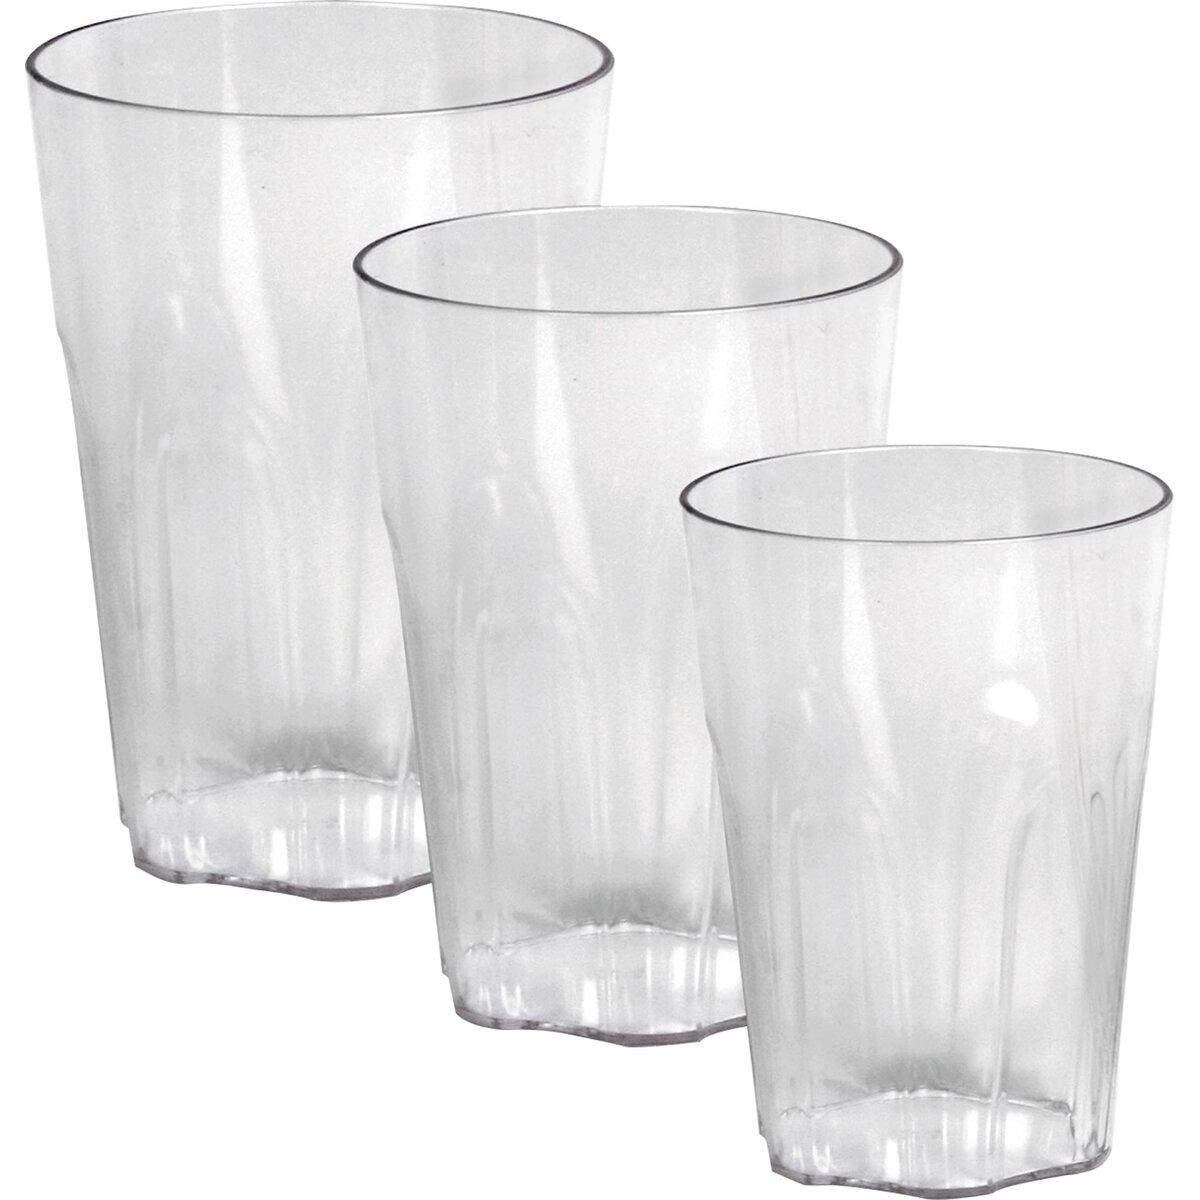 Glasserie Polycarbonat Weizenbierglas, 700 ml (2)